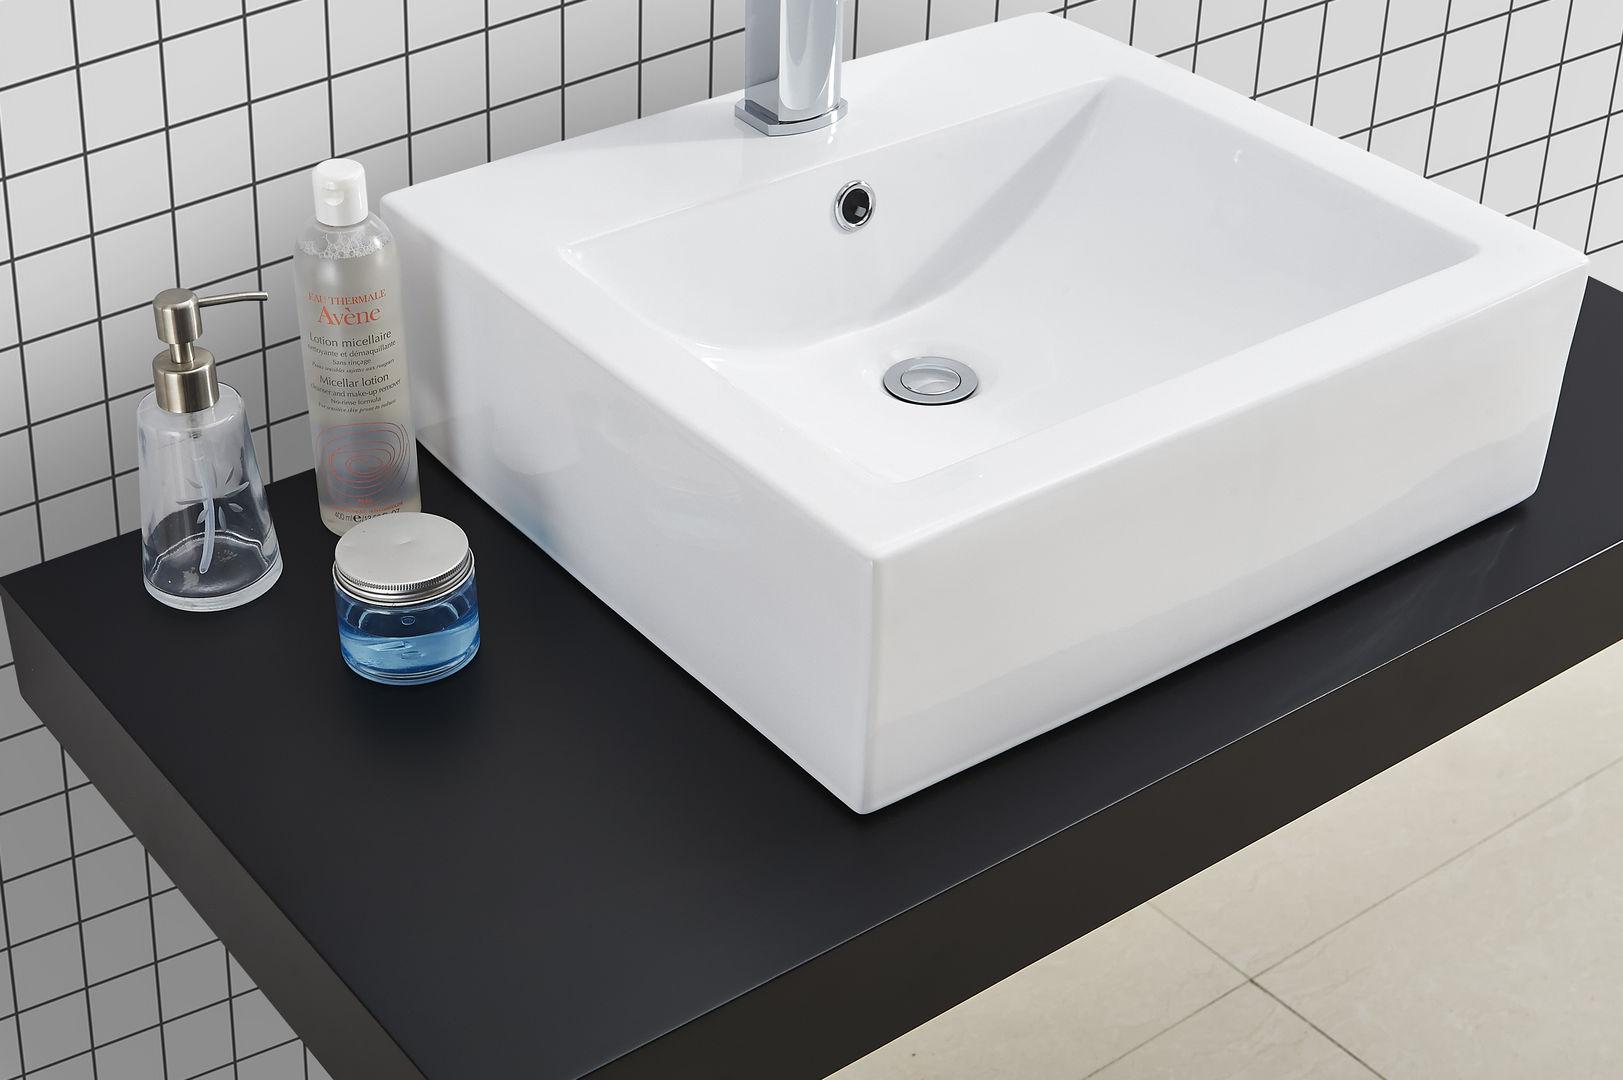 waschtischkonsole schwarz 100 x 50 alphabad. Black Bedroom Furniture Sets. Home Design Ideas